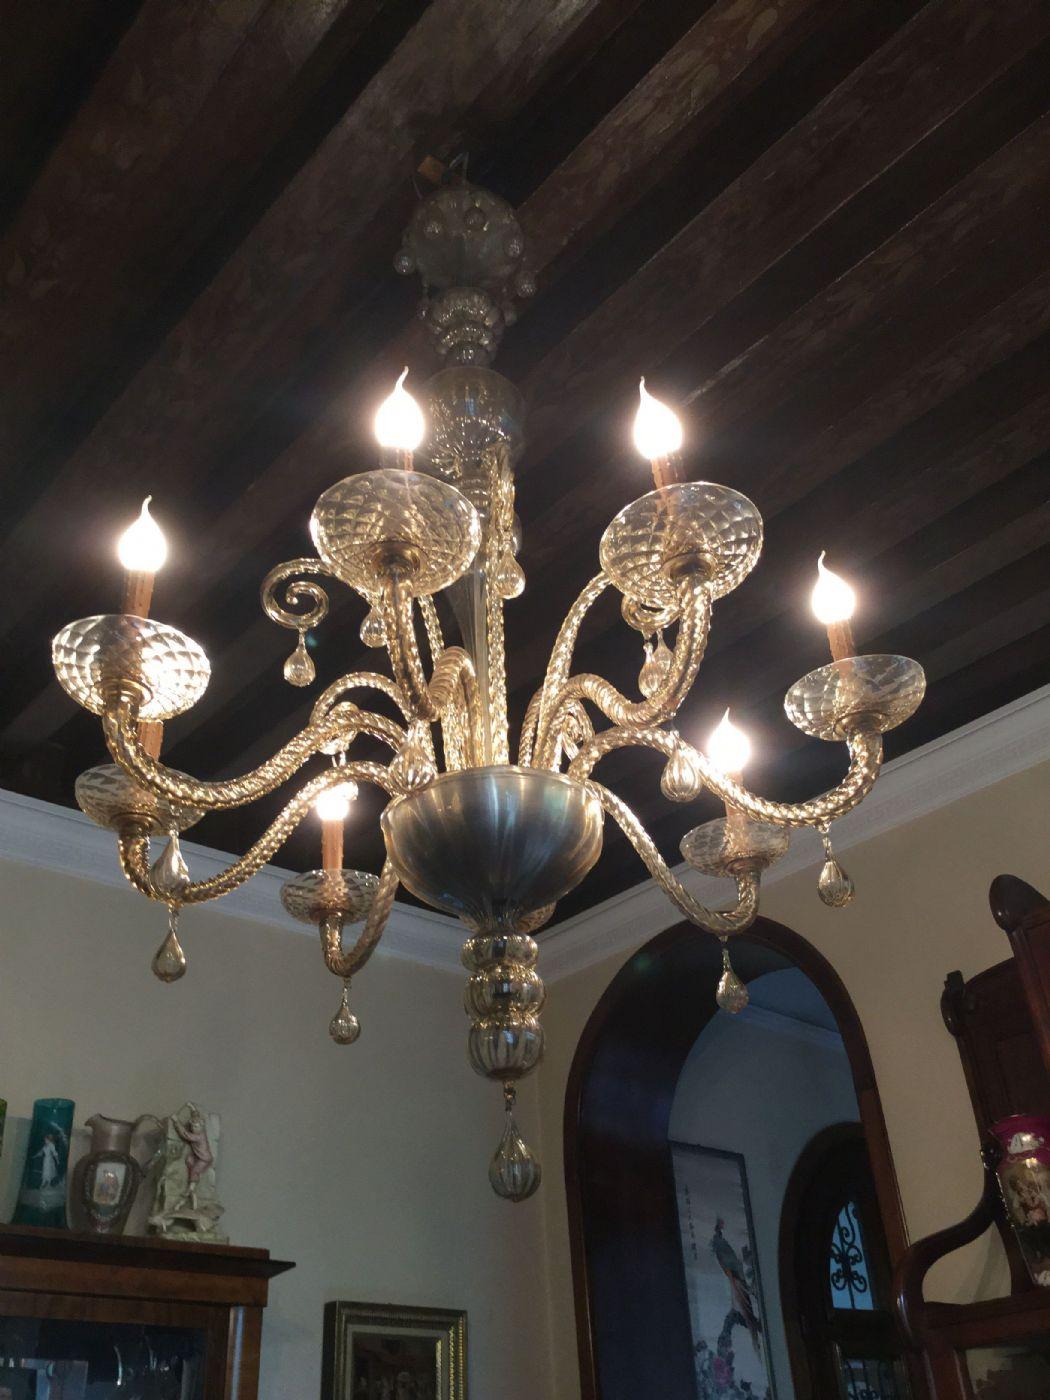 Lampadario Murano Anni 40.Lampadario Murano Anni 30 40 H 150x95 Colore Ambra 8 Luci